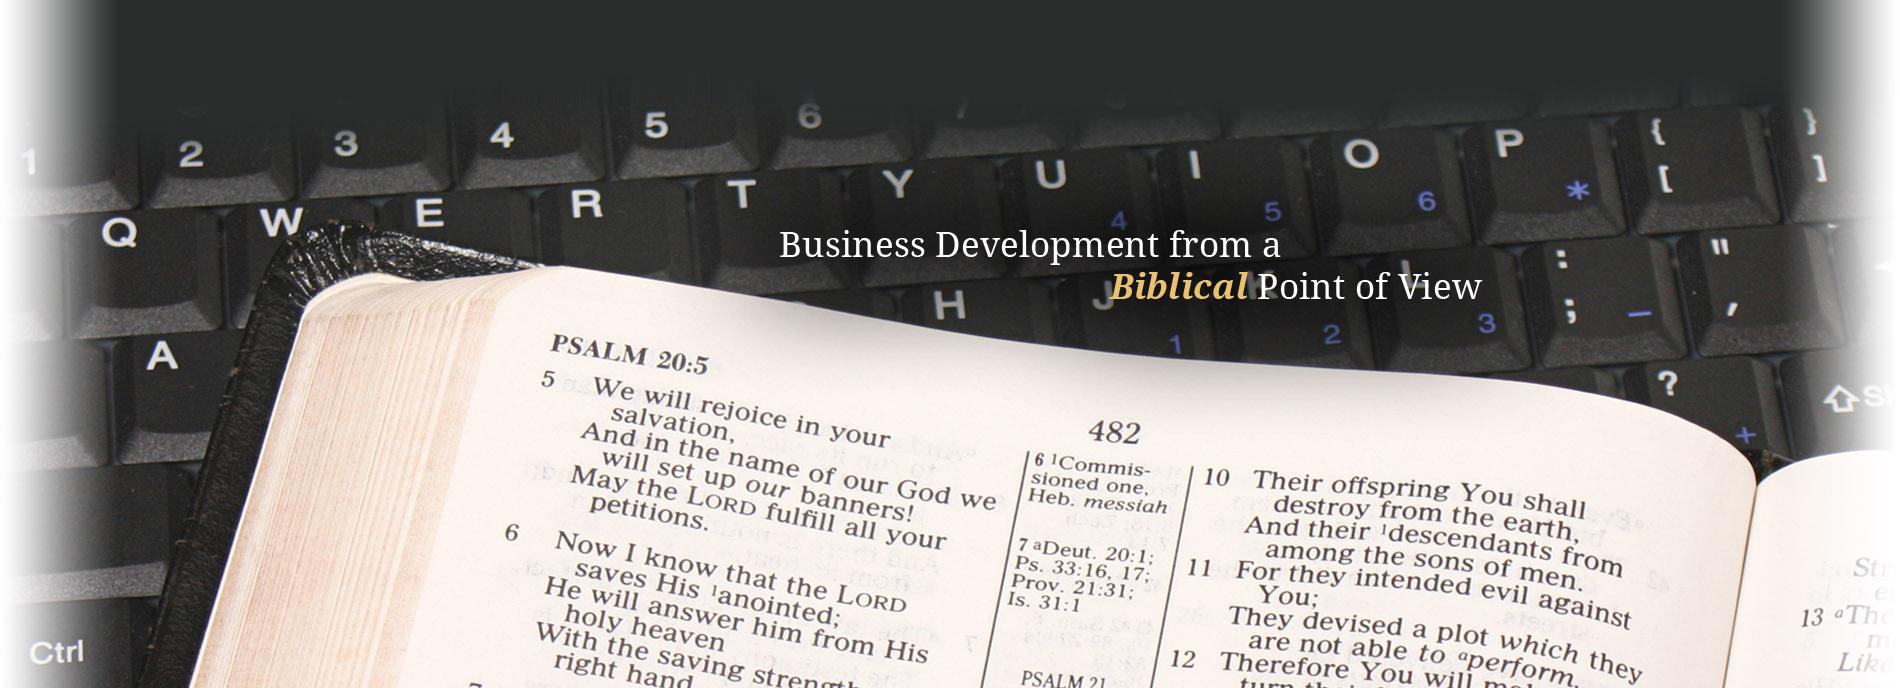 cbc-bible